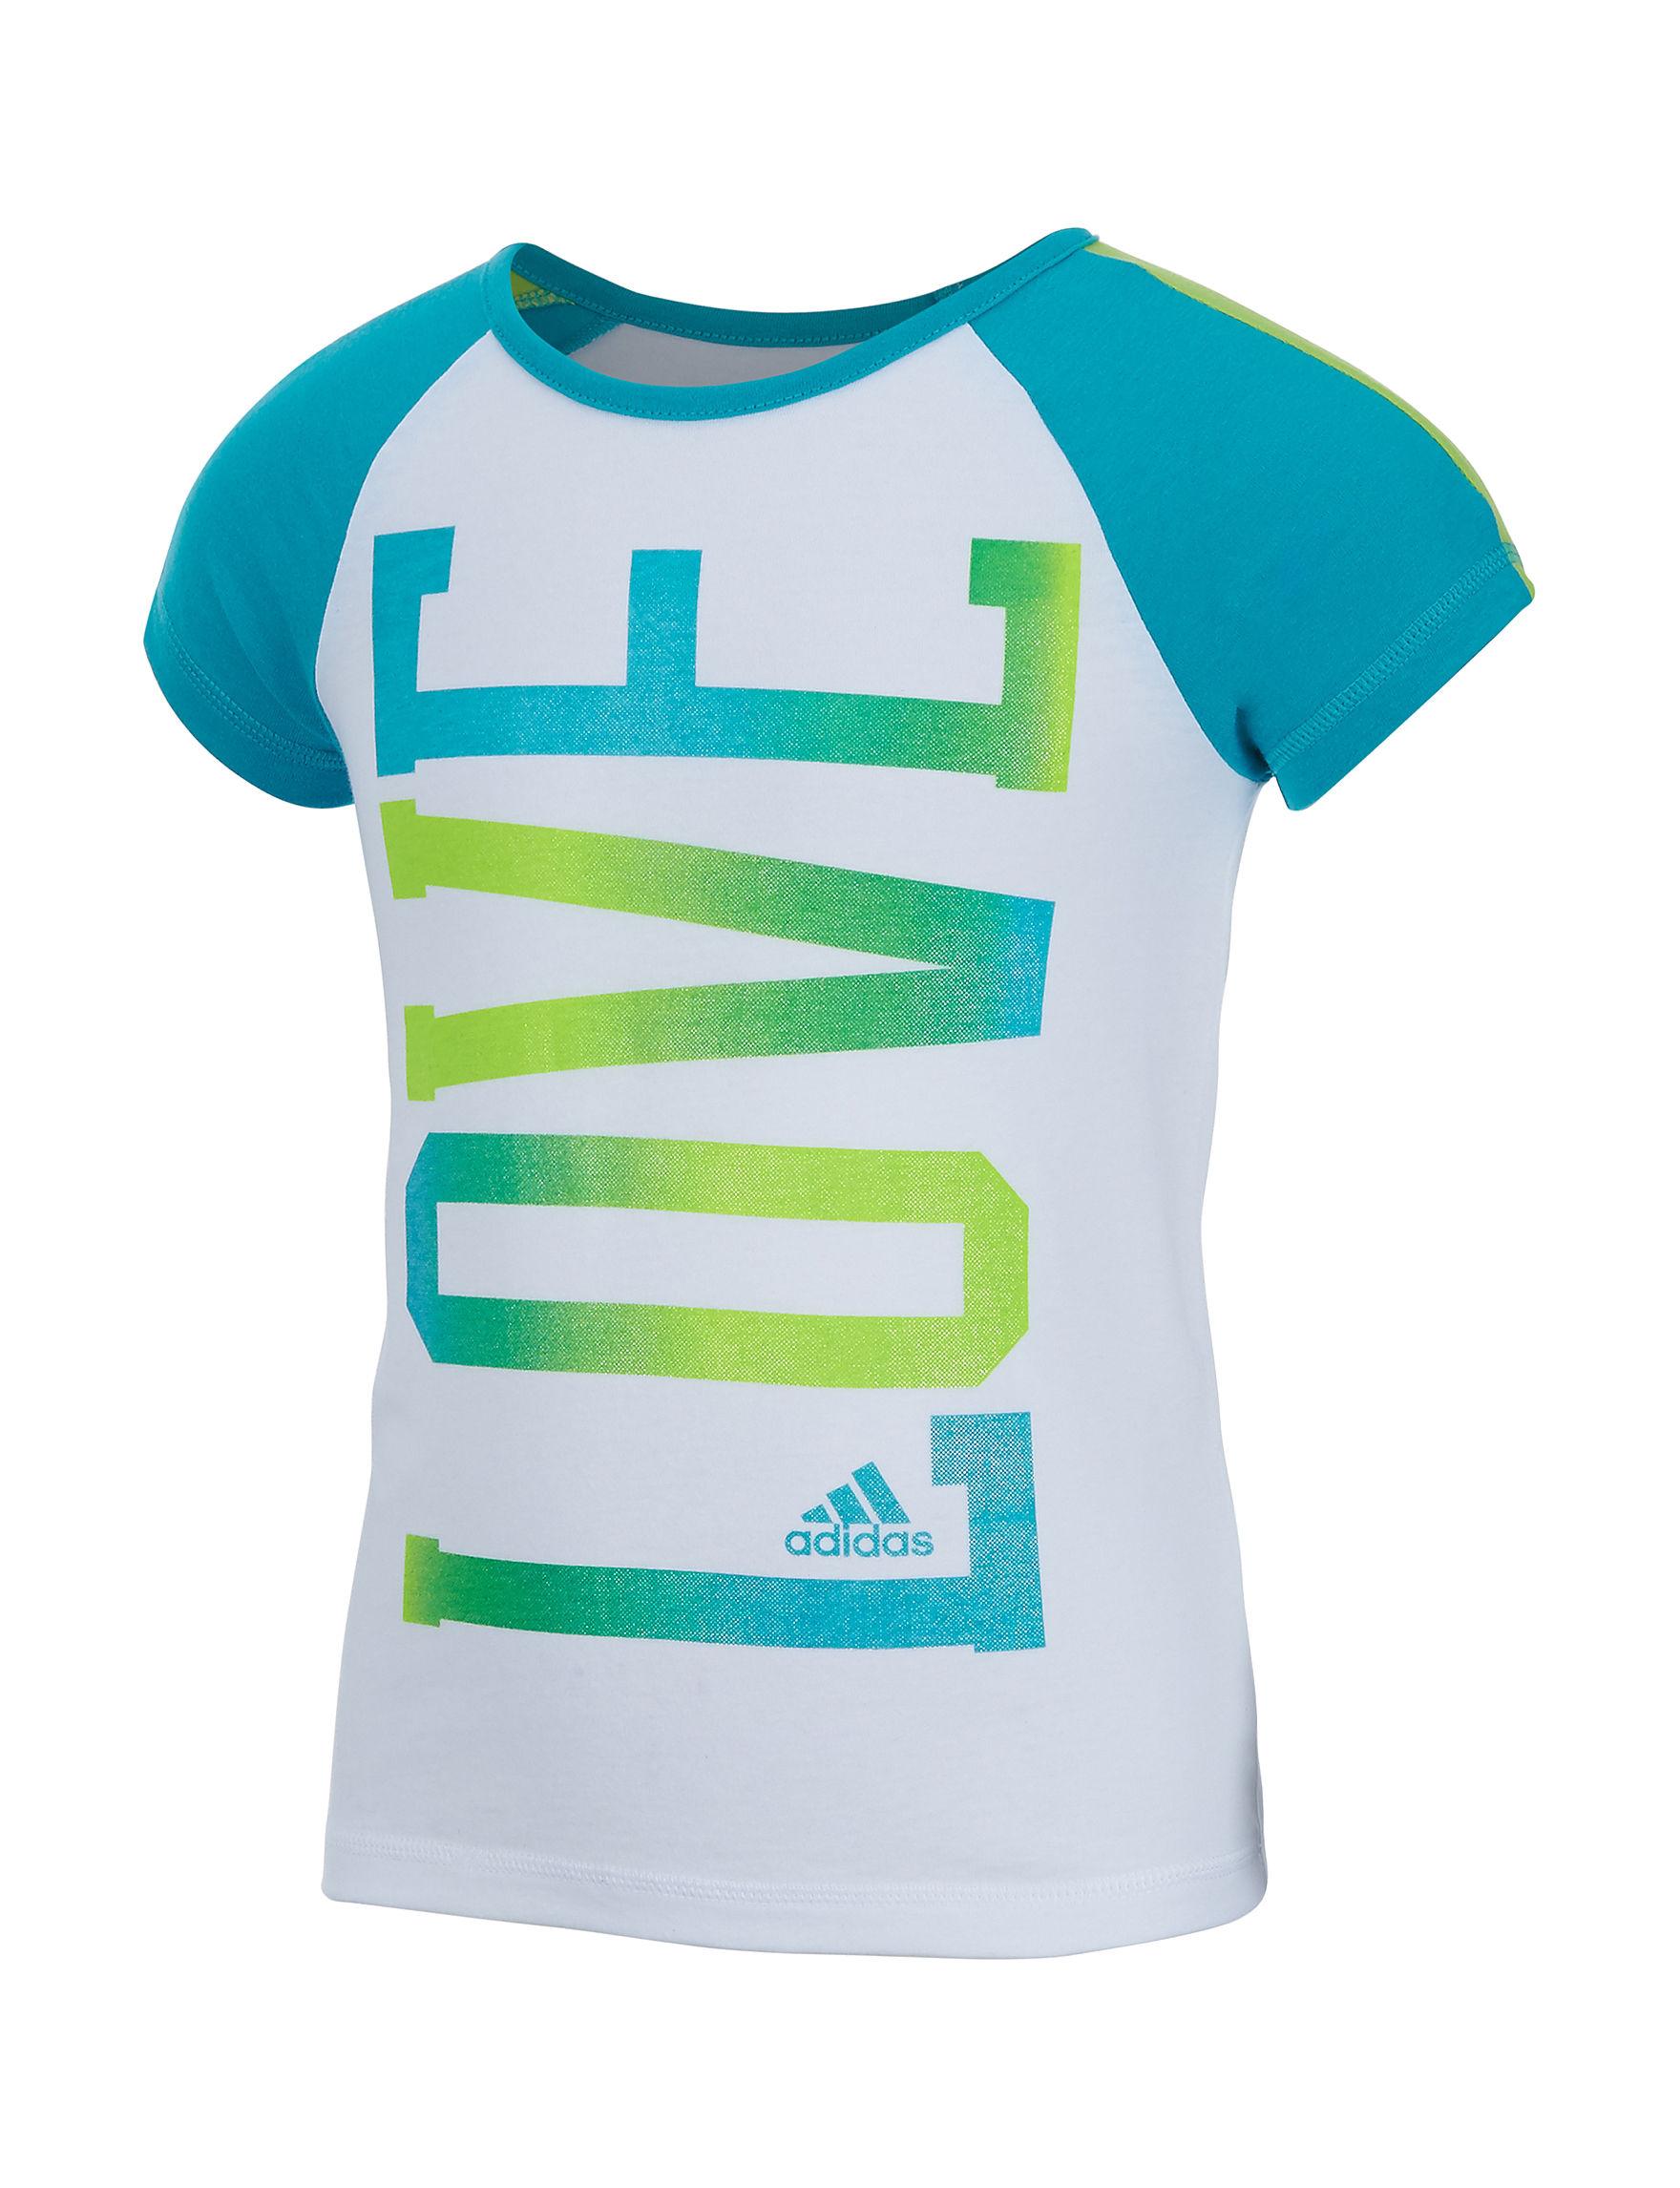 Adidas White Tees & Tanks